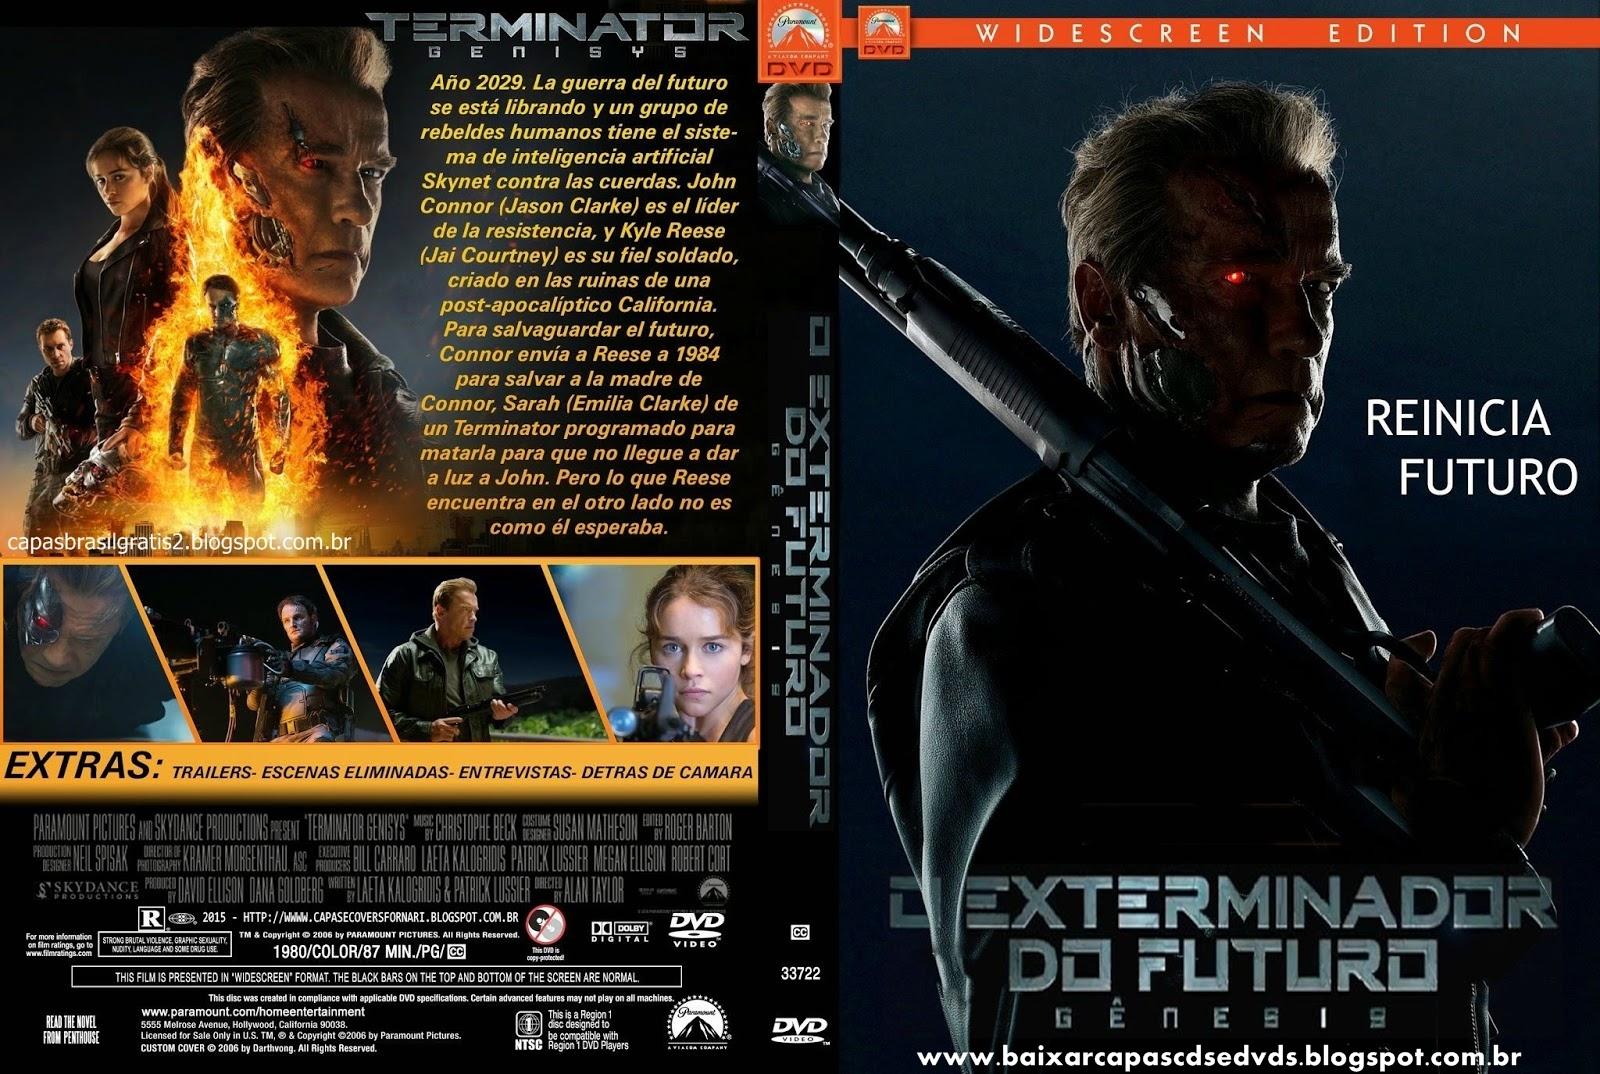 O exterminador do futuro 3 a rebelião das máquinas 1080p[bdrip].